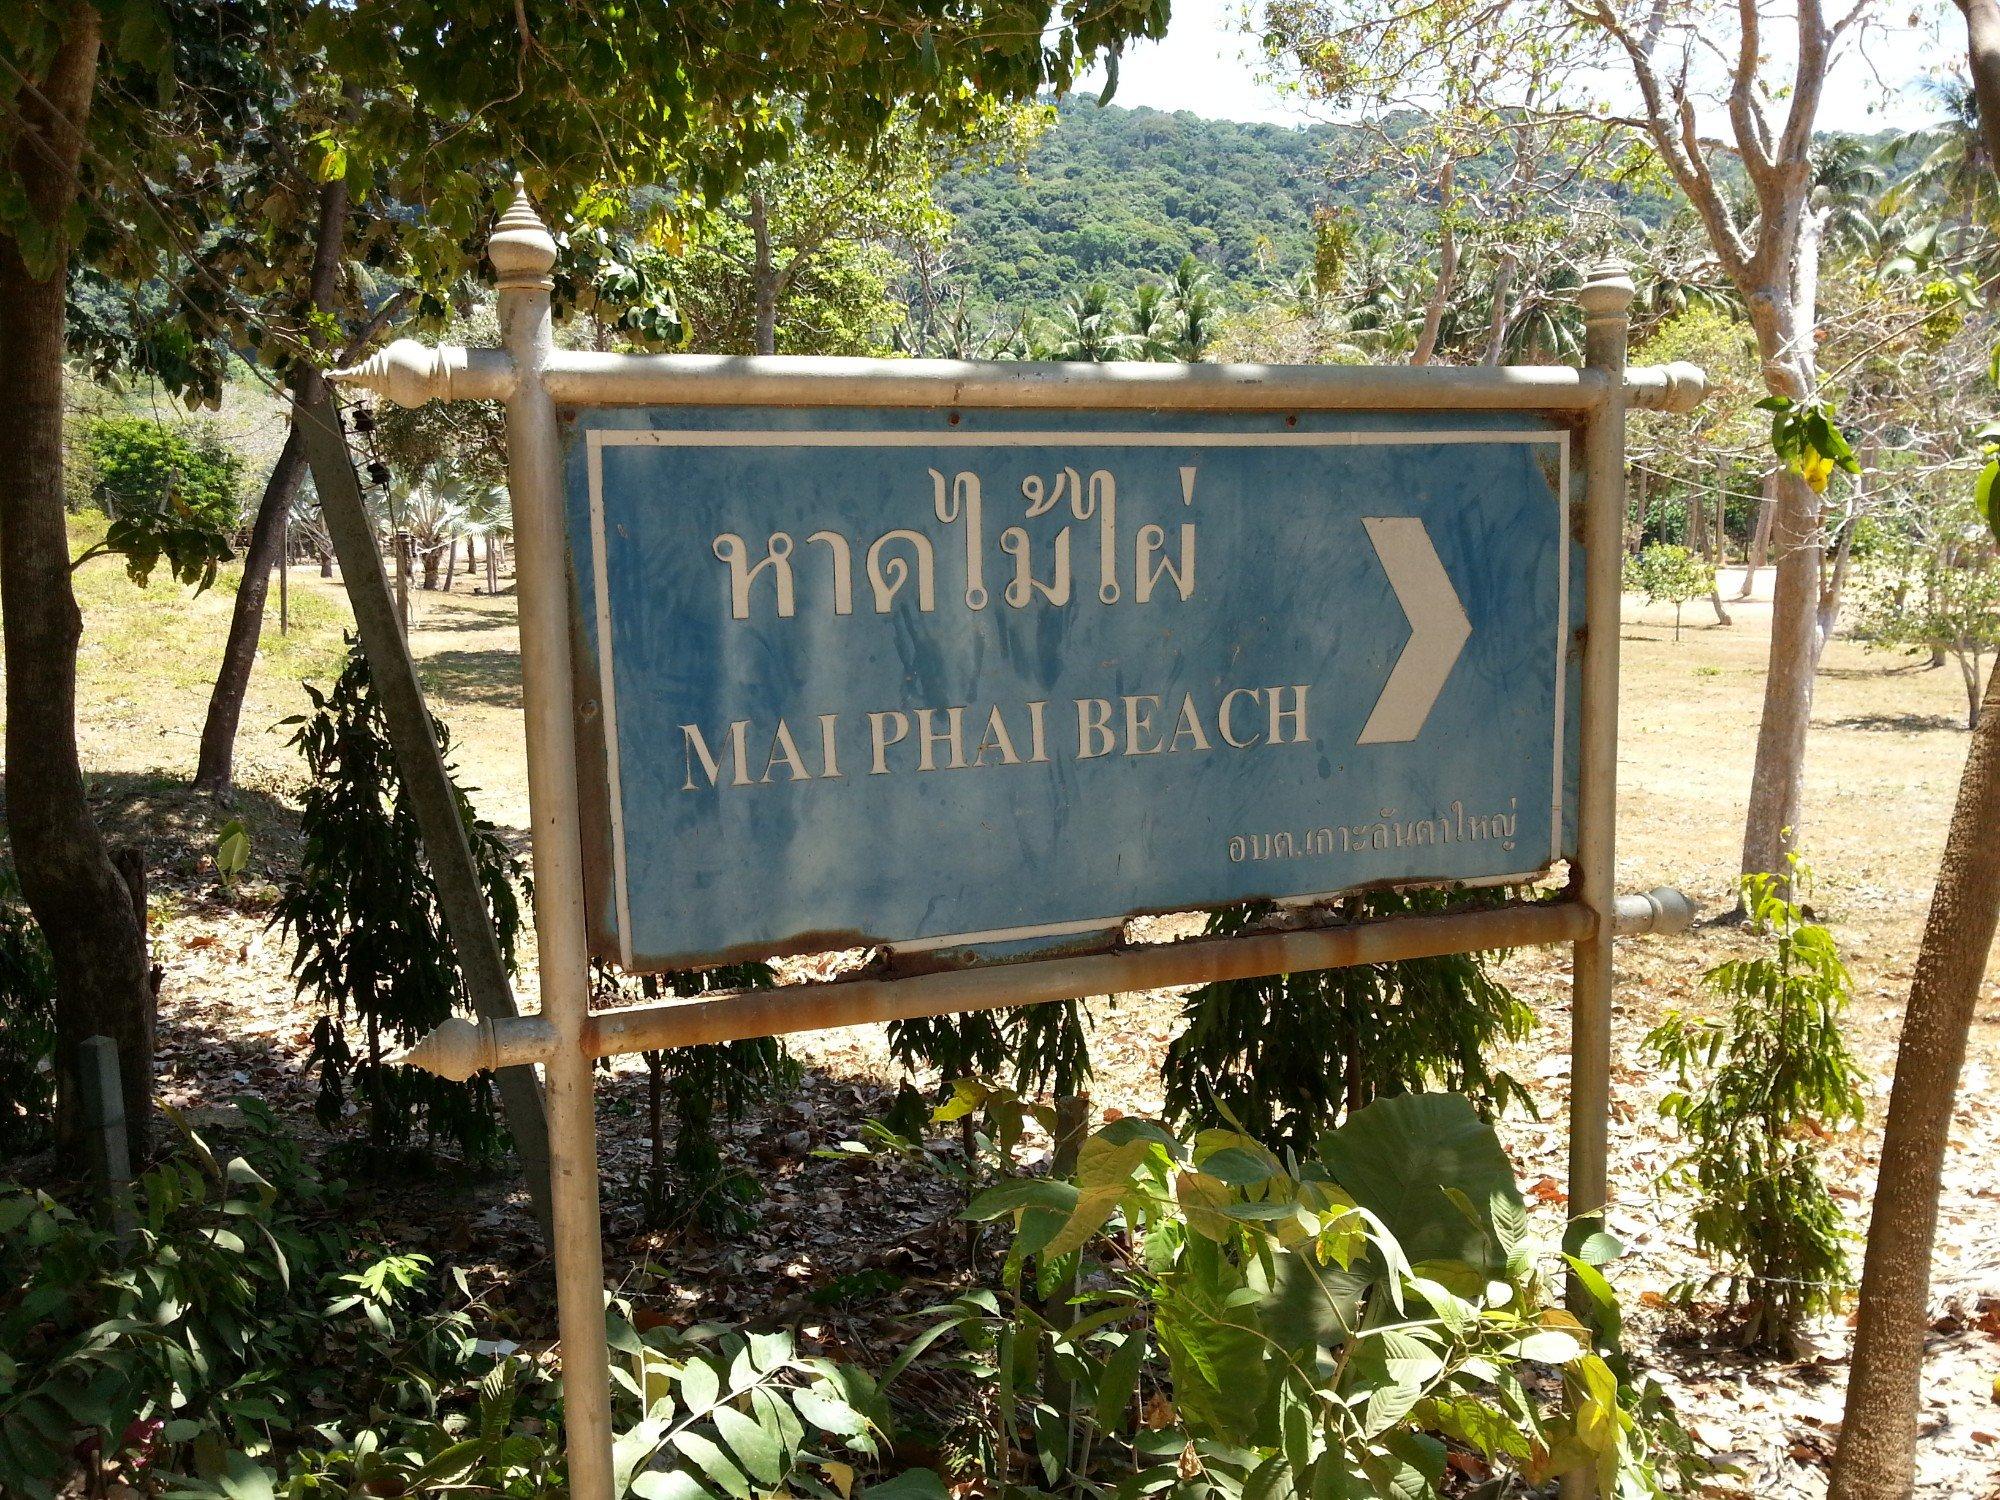 Turning to Bamboo Beach